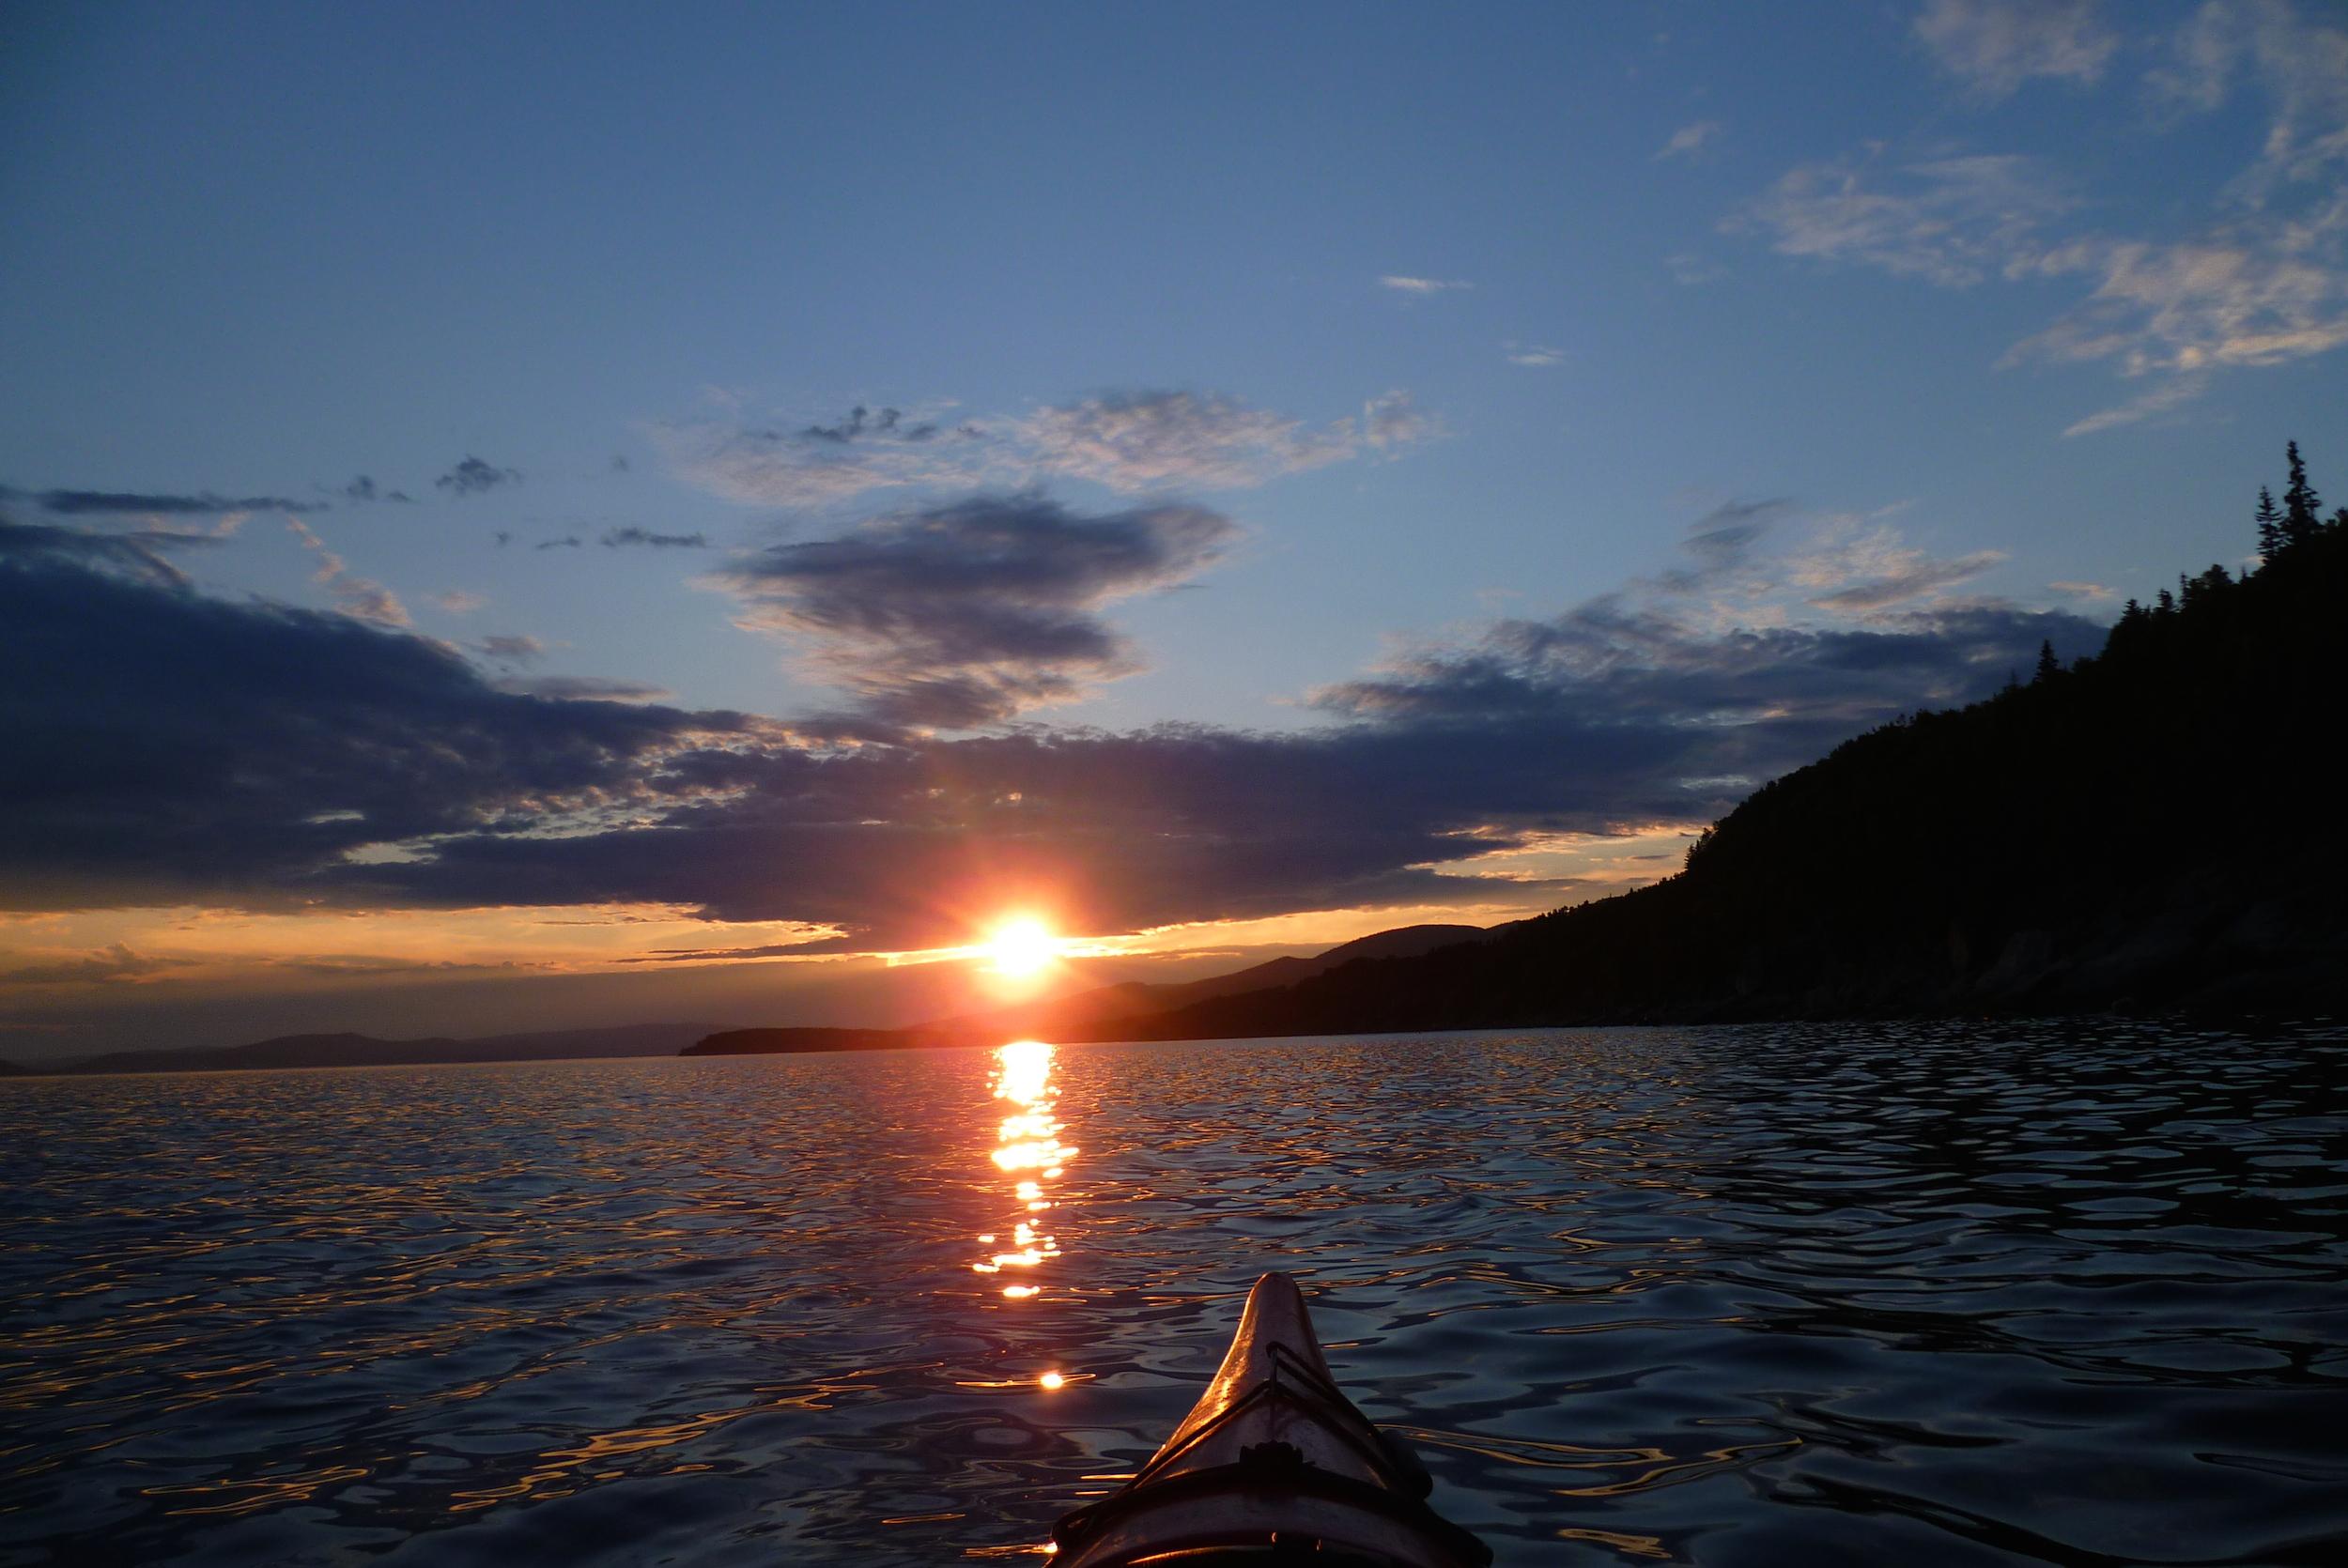 Kayak - parc Forillon - Canada 2